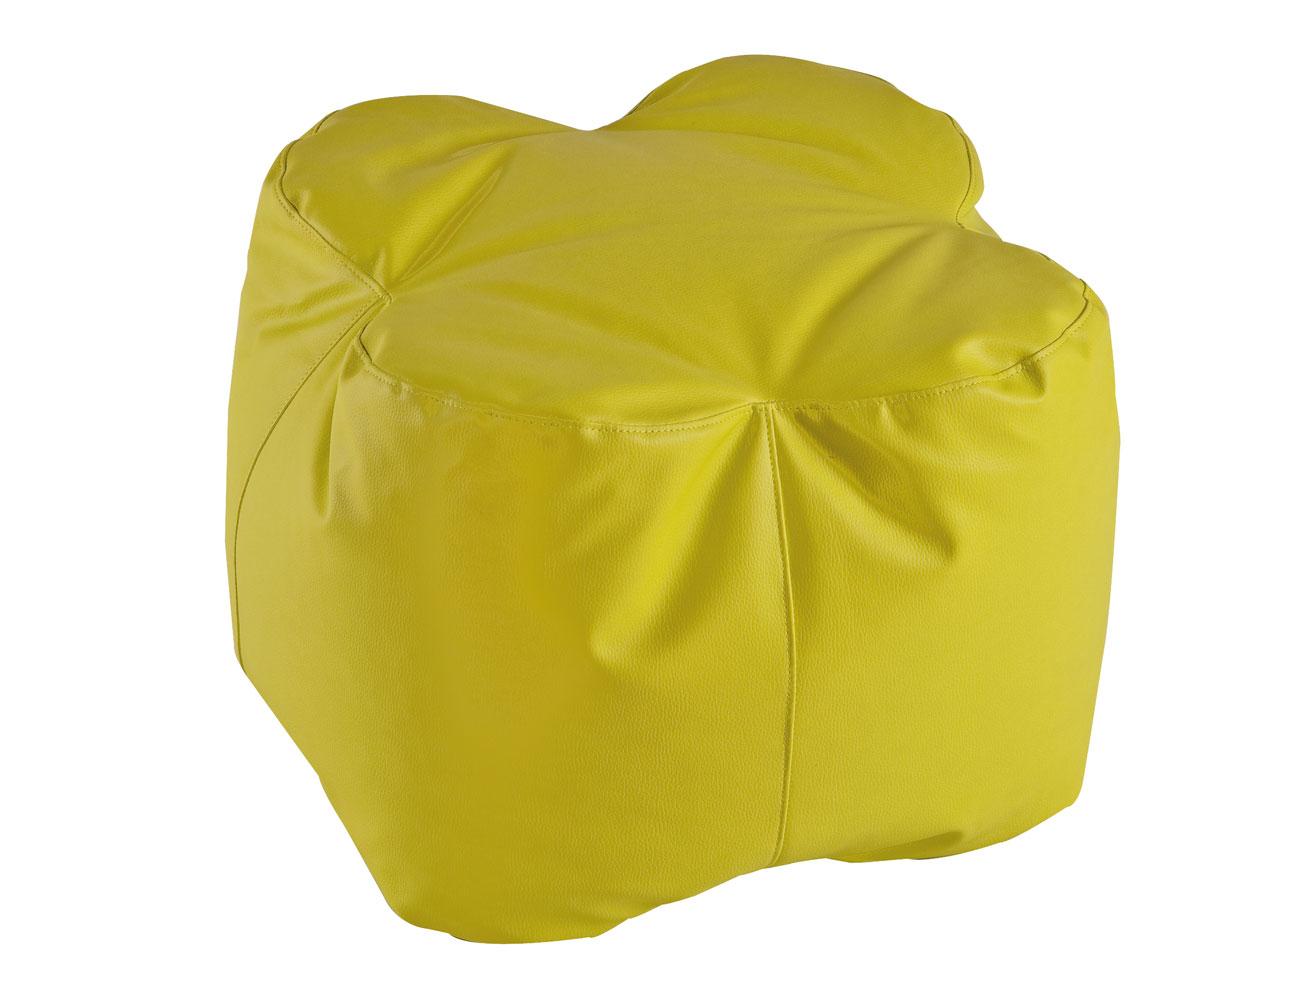 41 trebol amarillo5